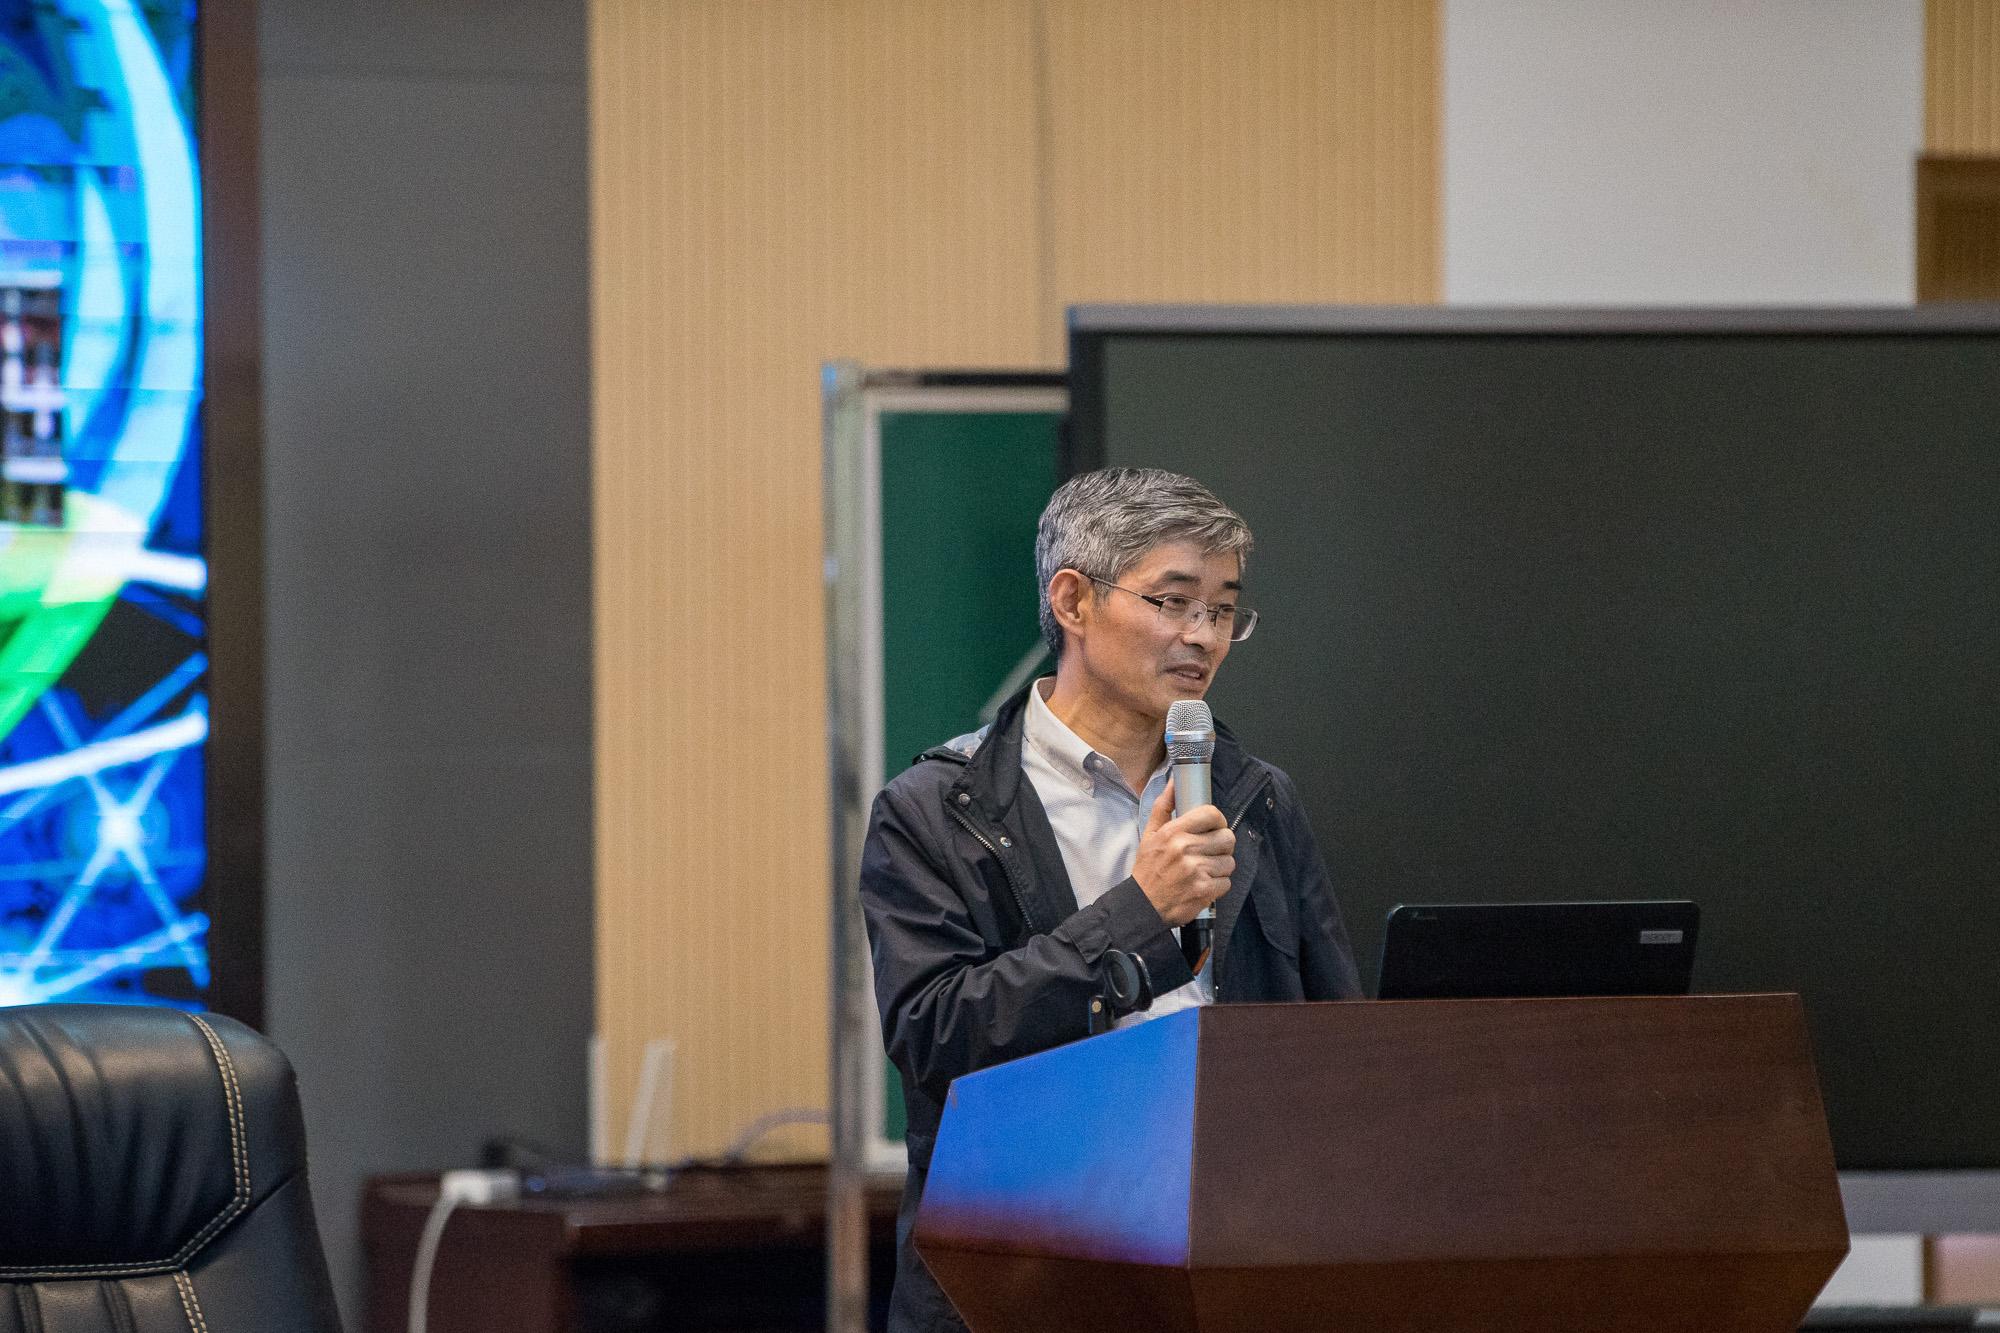 江苏省信息技术教育特级教师曹书成